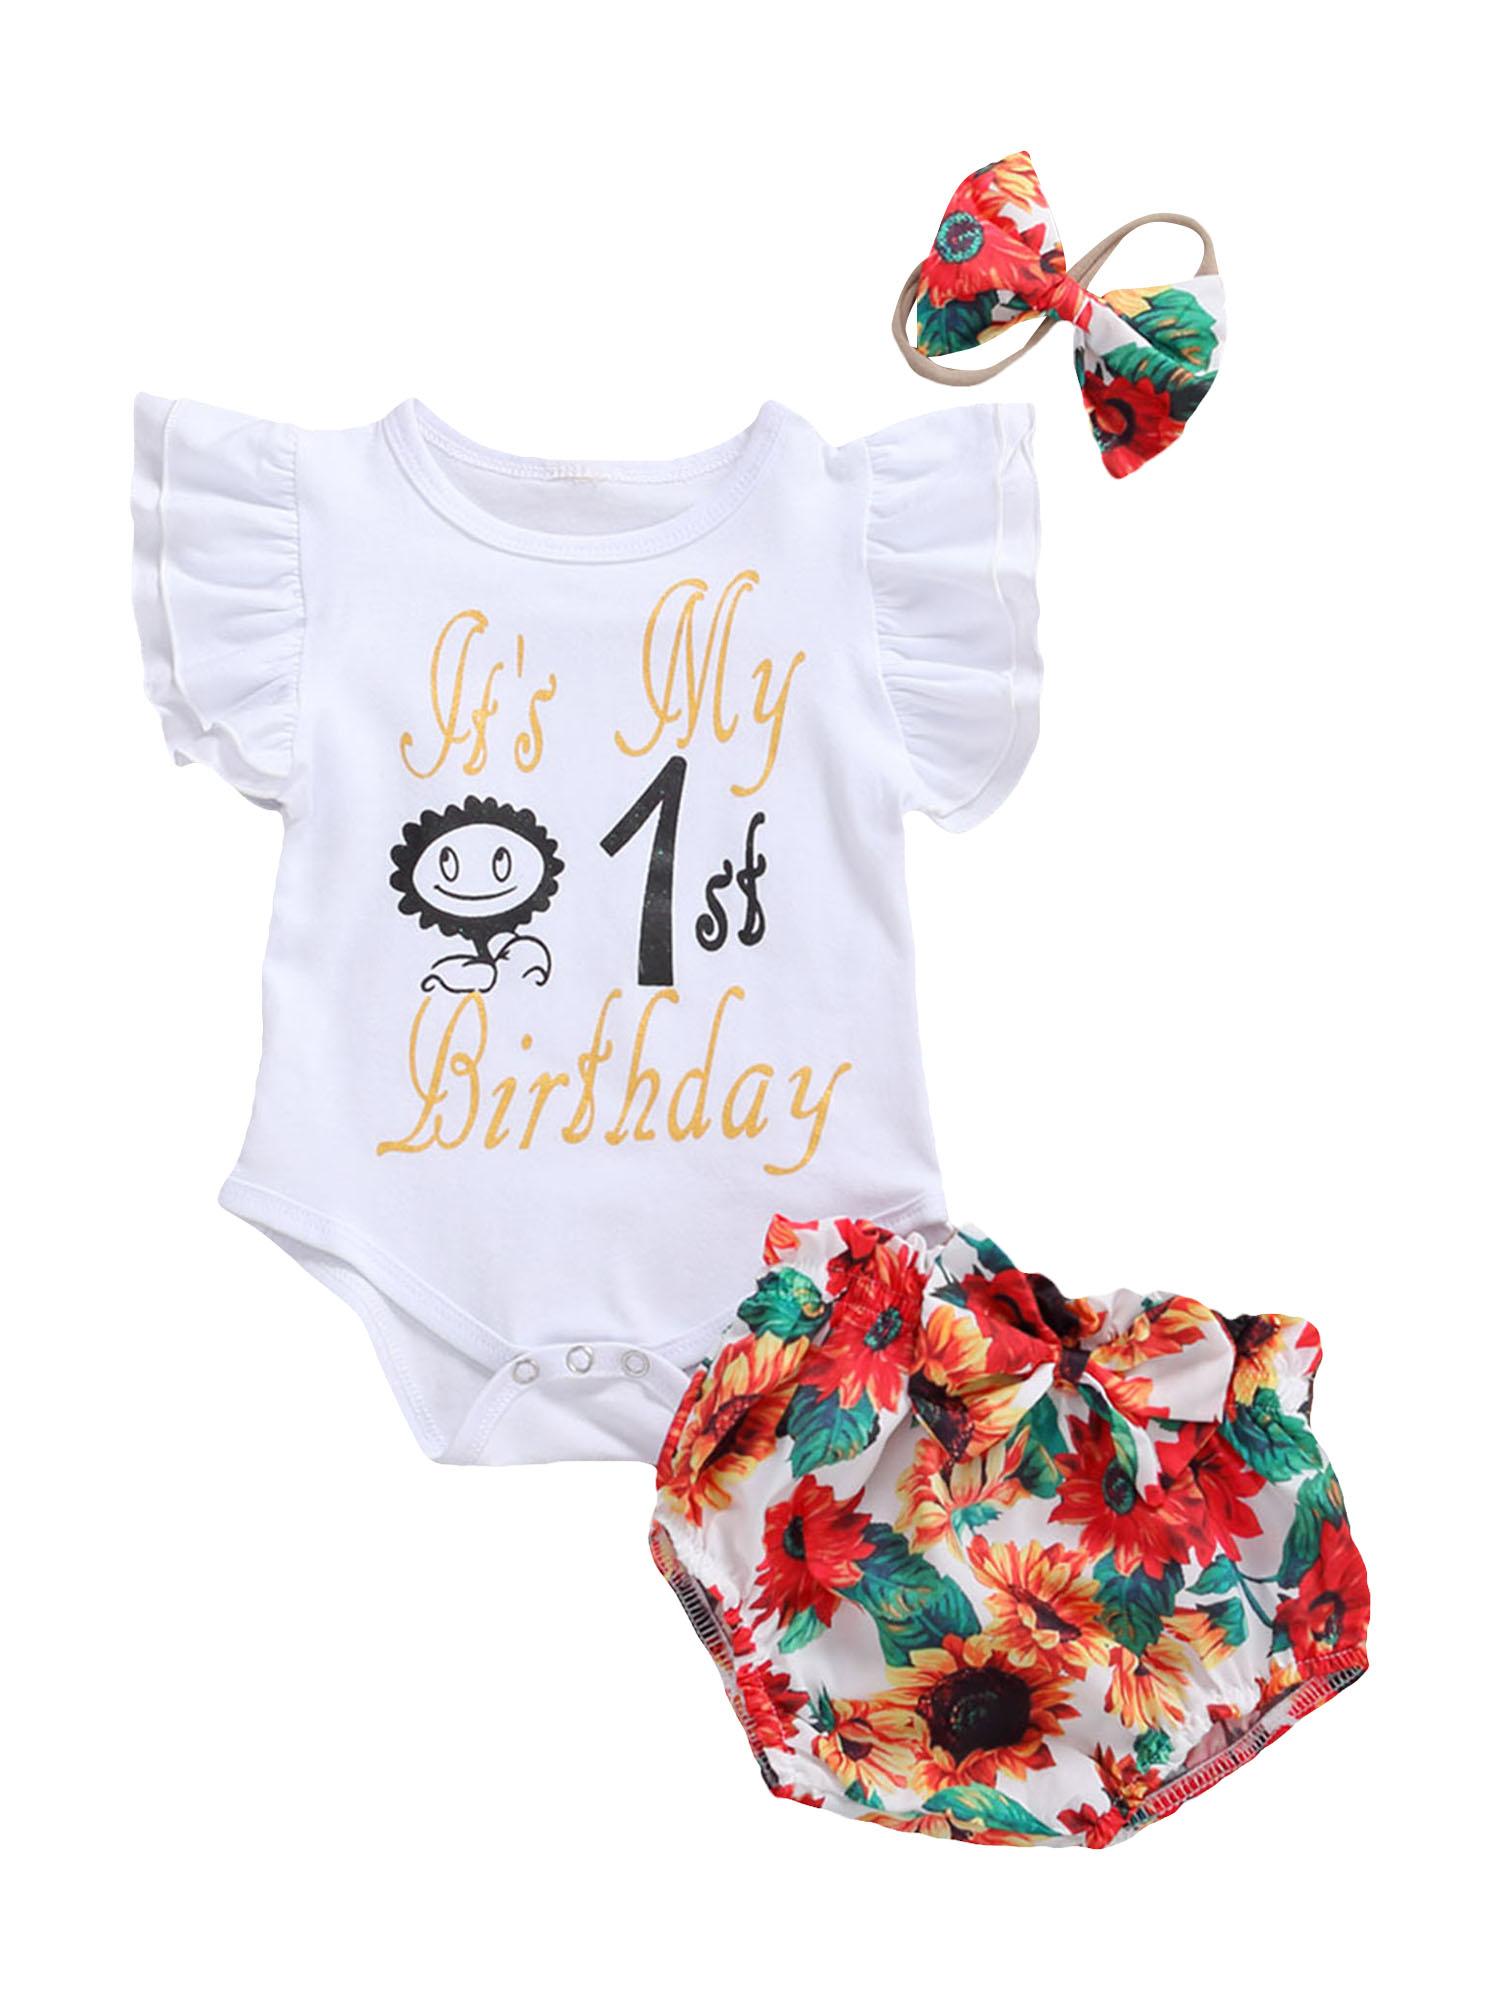 Детский комбинезон + шорты + повязка на голову, летняя одежда с буквами на первый день рождения и цветочным узором